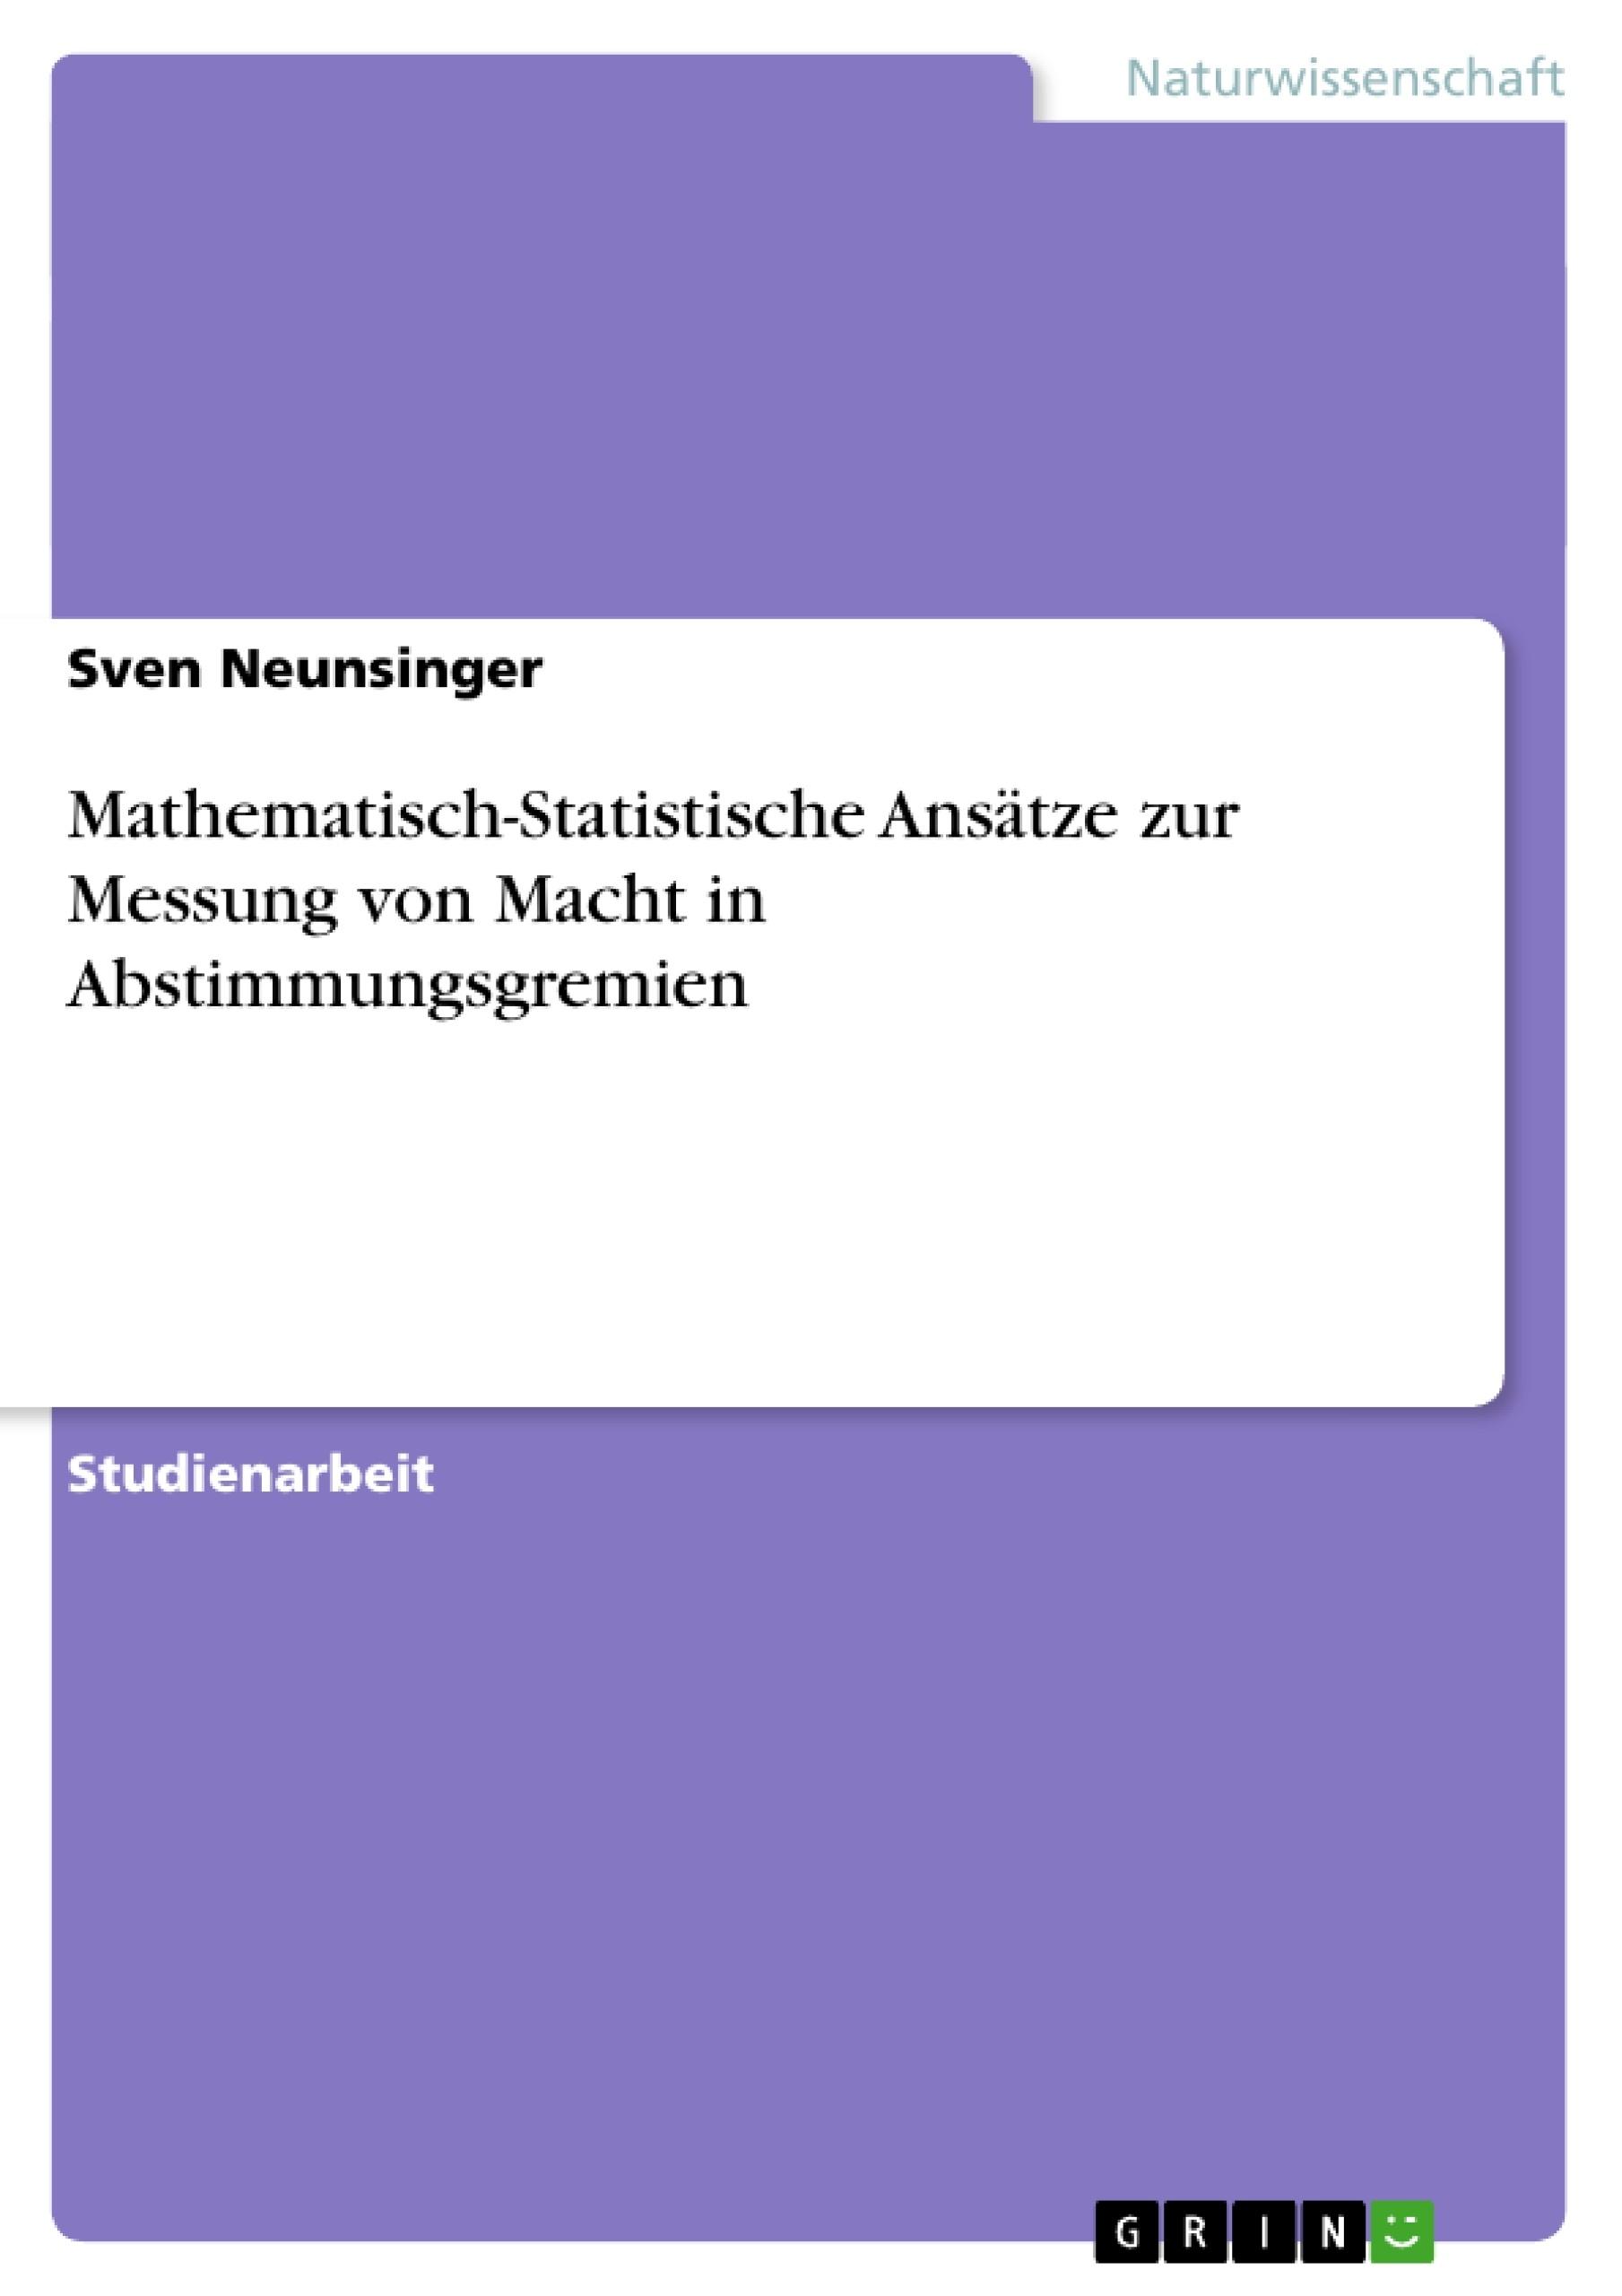 Titel: Mathematisch-Statistische Ansätze zur Messung von Macht in Abstimmungsgremien